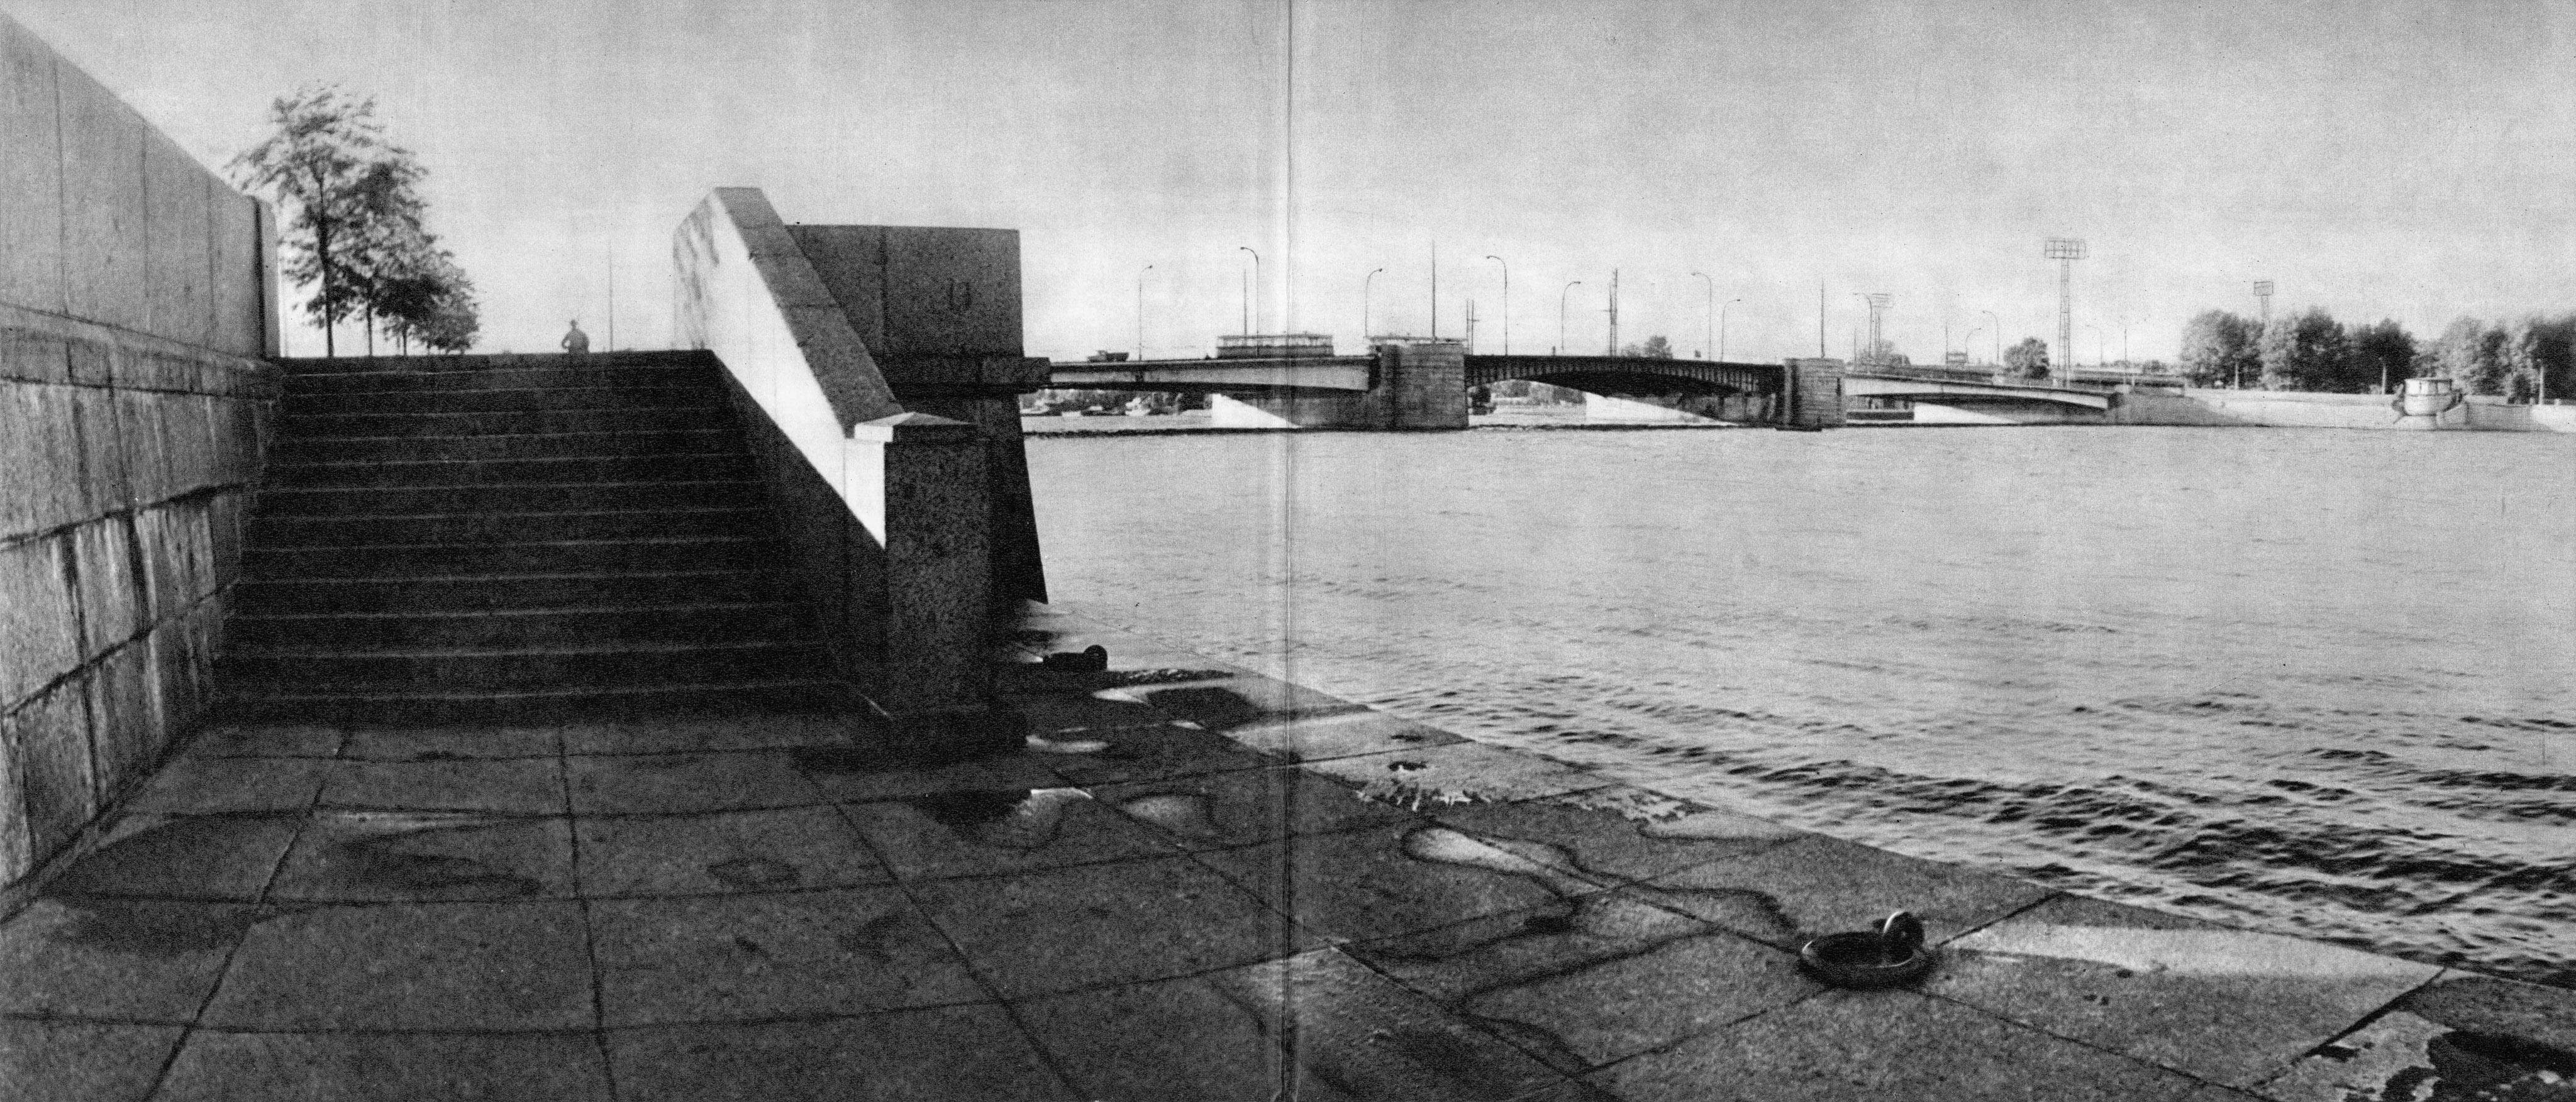 Тучков мост / Tuchkov Bridge